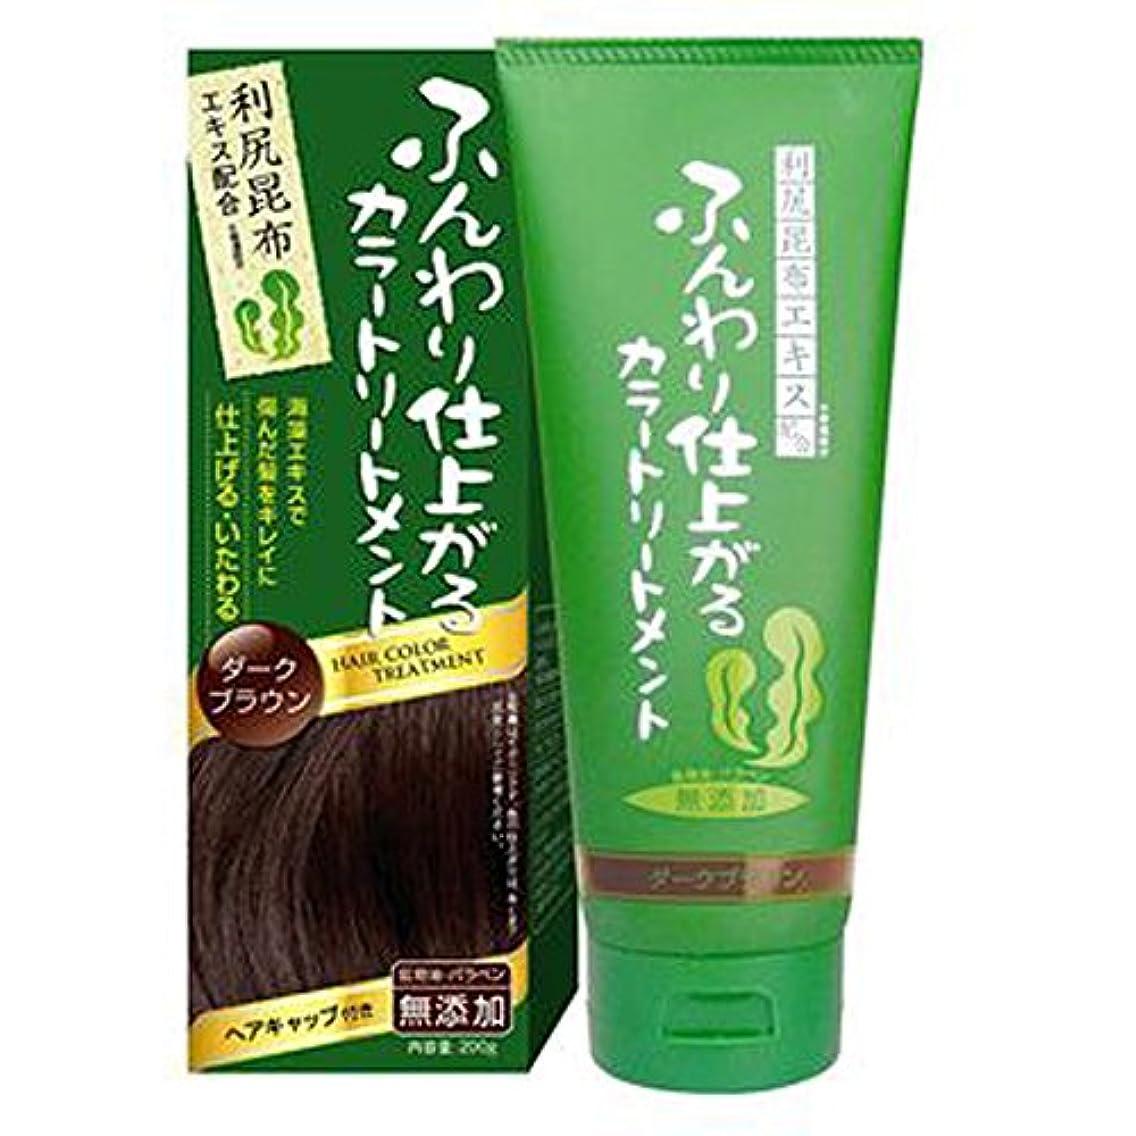 チェリー振動させるプラスチックふんわり仕上がるカラートリートメント 白髪 染め 保湿 利尻昆布エキス配合 ヘアカラー (200g ダークブラウン) rishiri-haircolor-200g-dbr